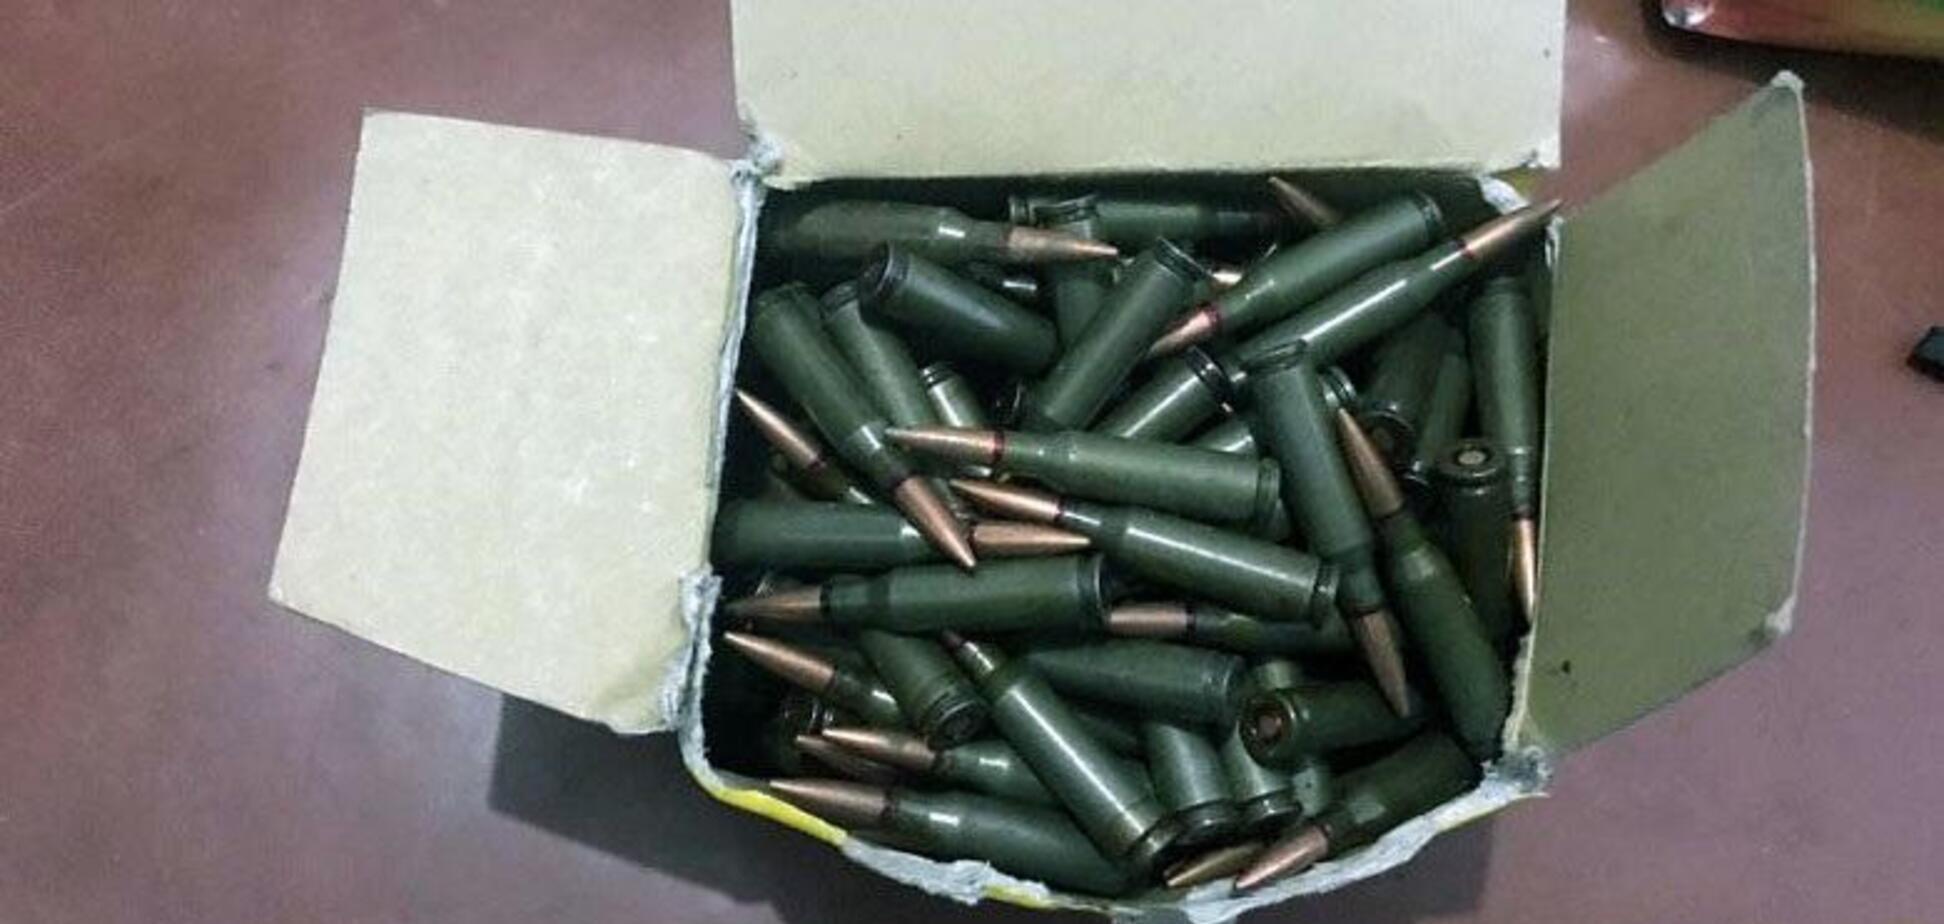 Гранати, гвинтівки і майже 3000 куль: у Києві виявили арсенал зброї з ООС